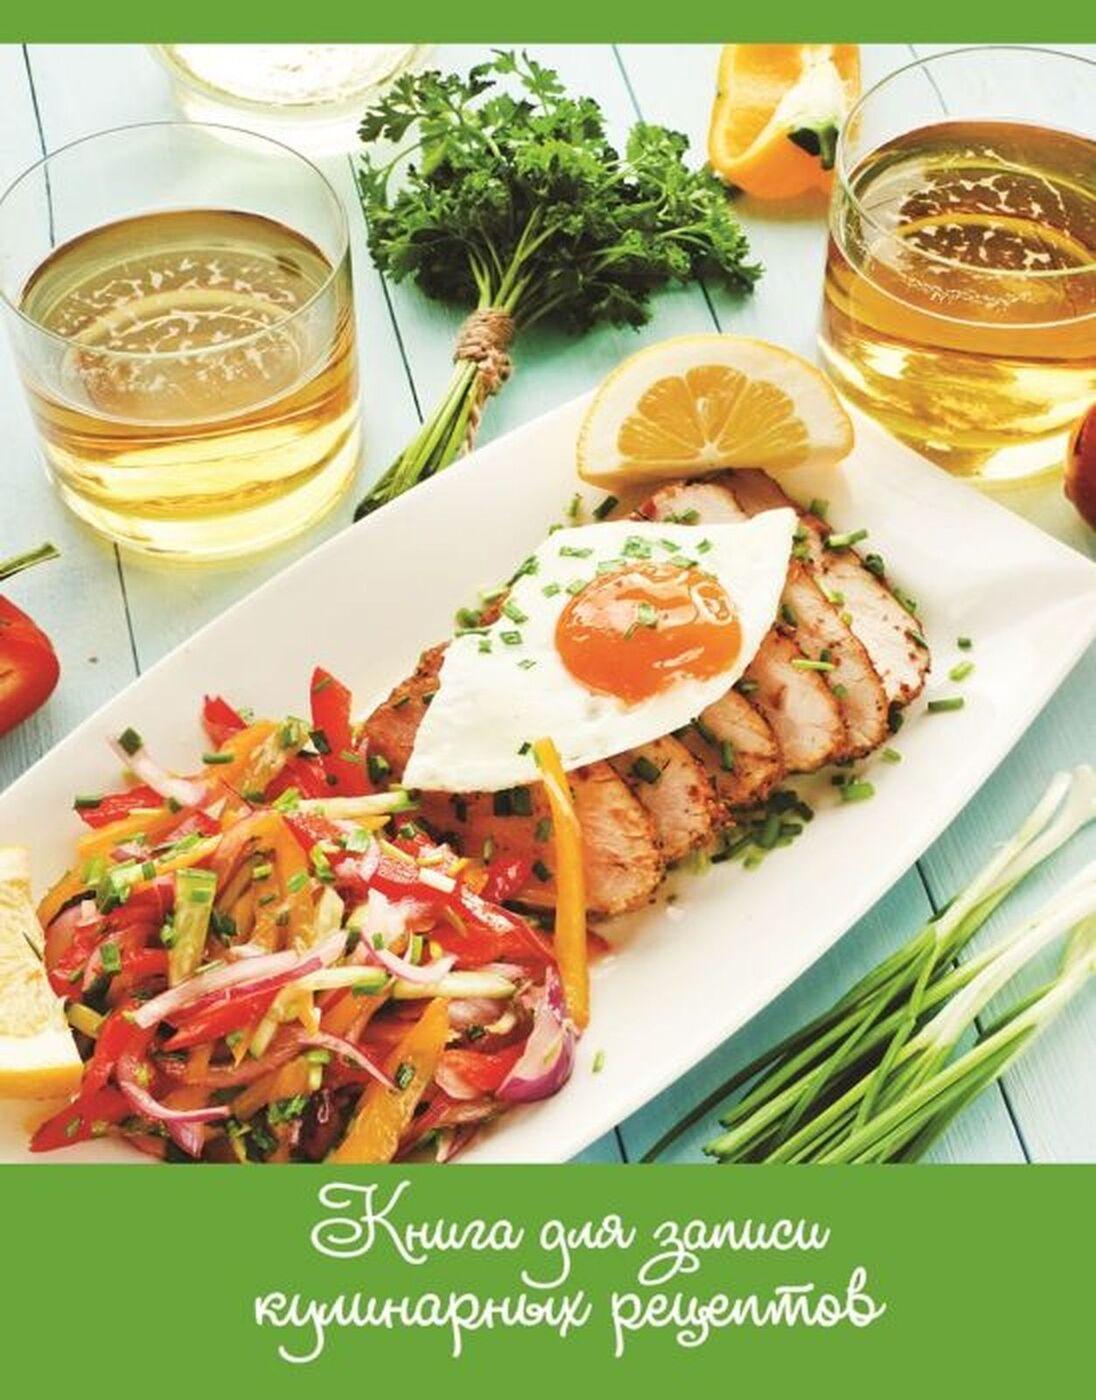 1000 Кулинарных Рецептов Для Желающих Похудеть. Книга: 1000 кулинарных рецептов для желающих похудеть 100% гарантия